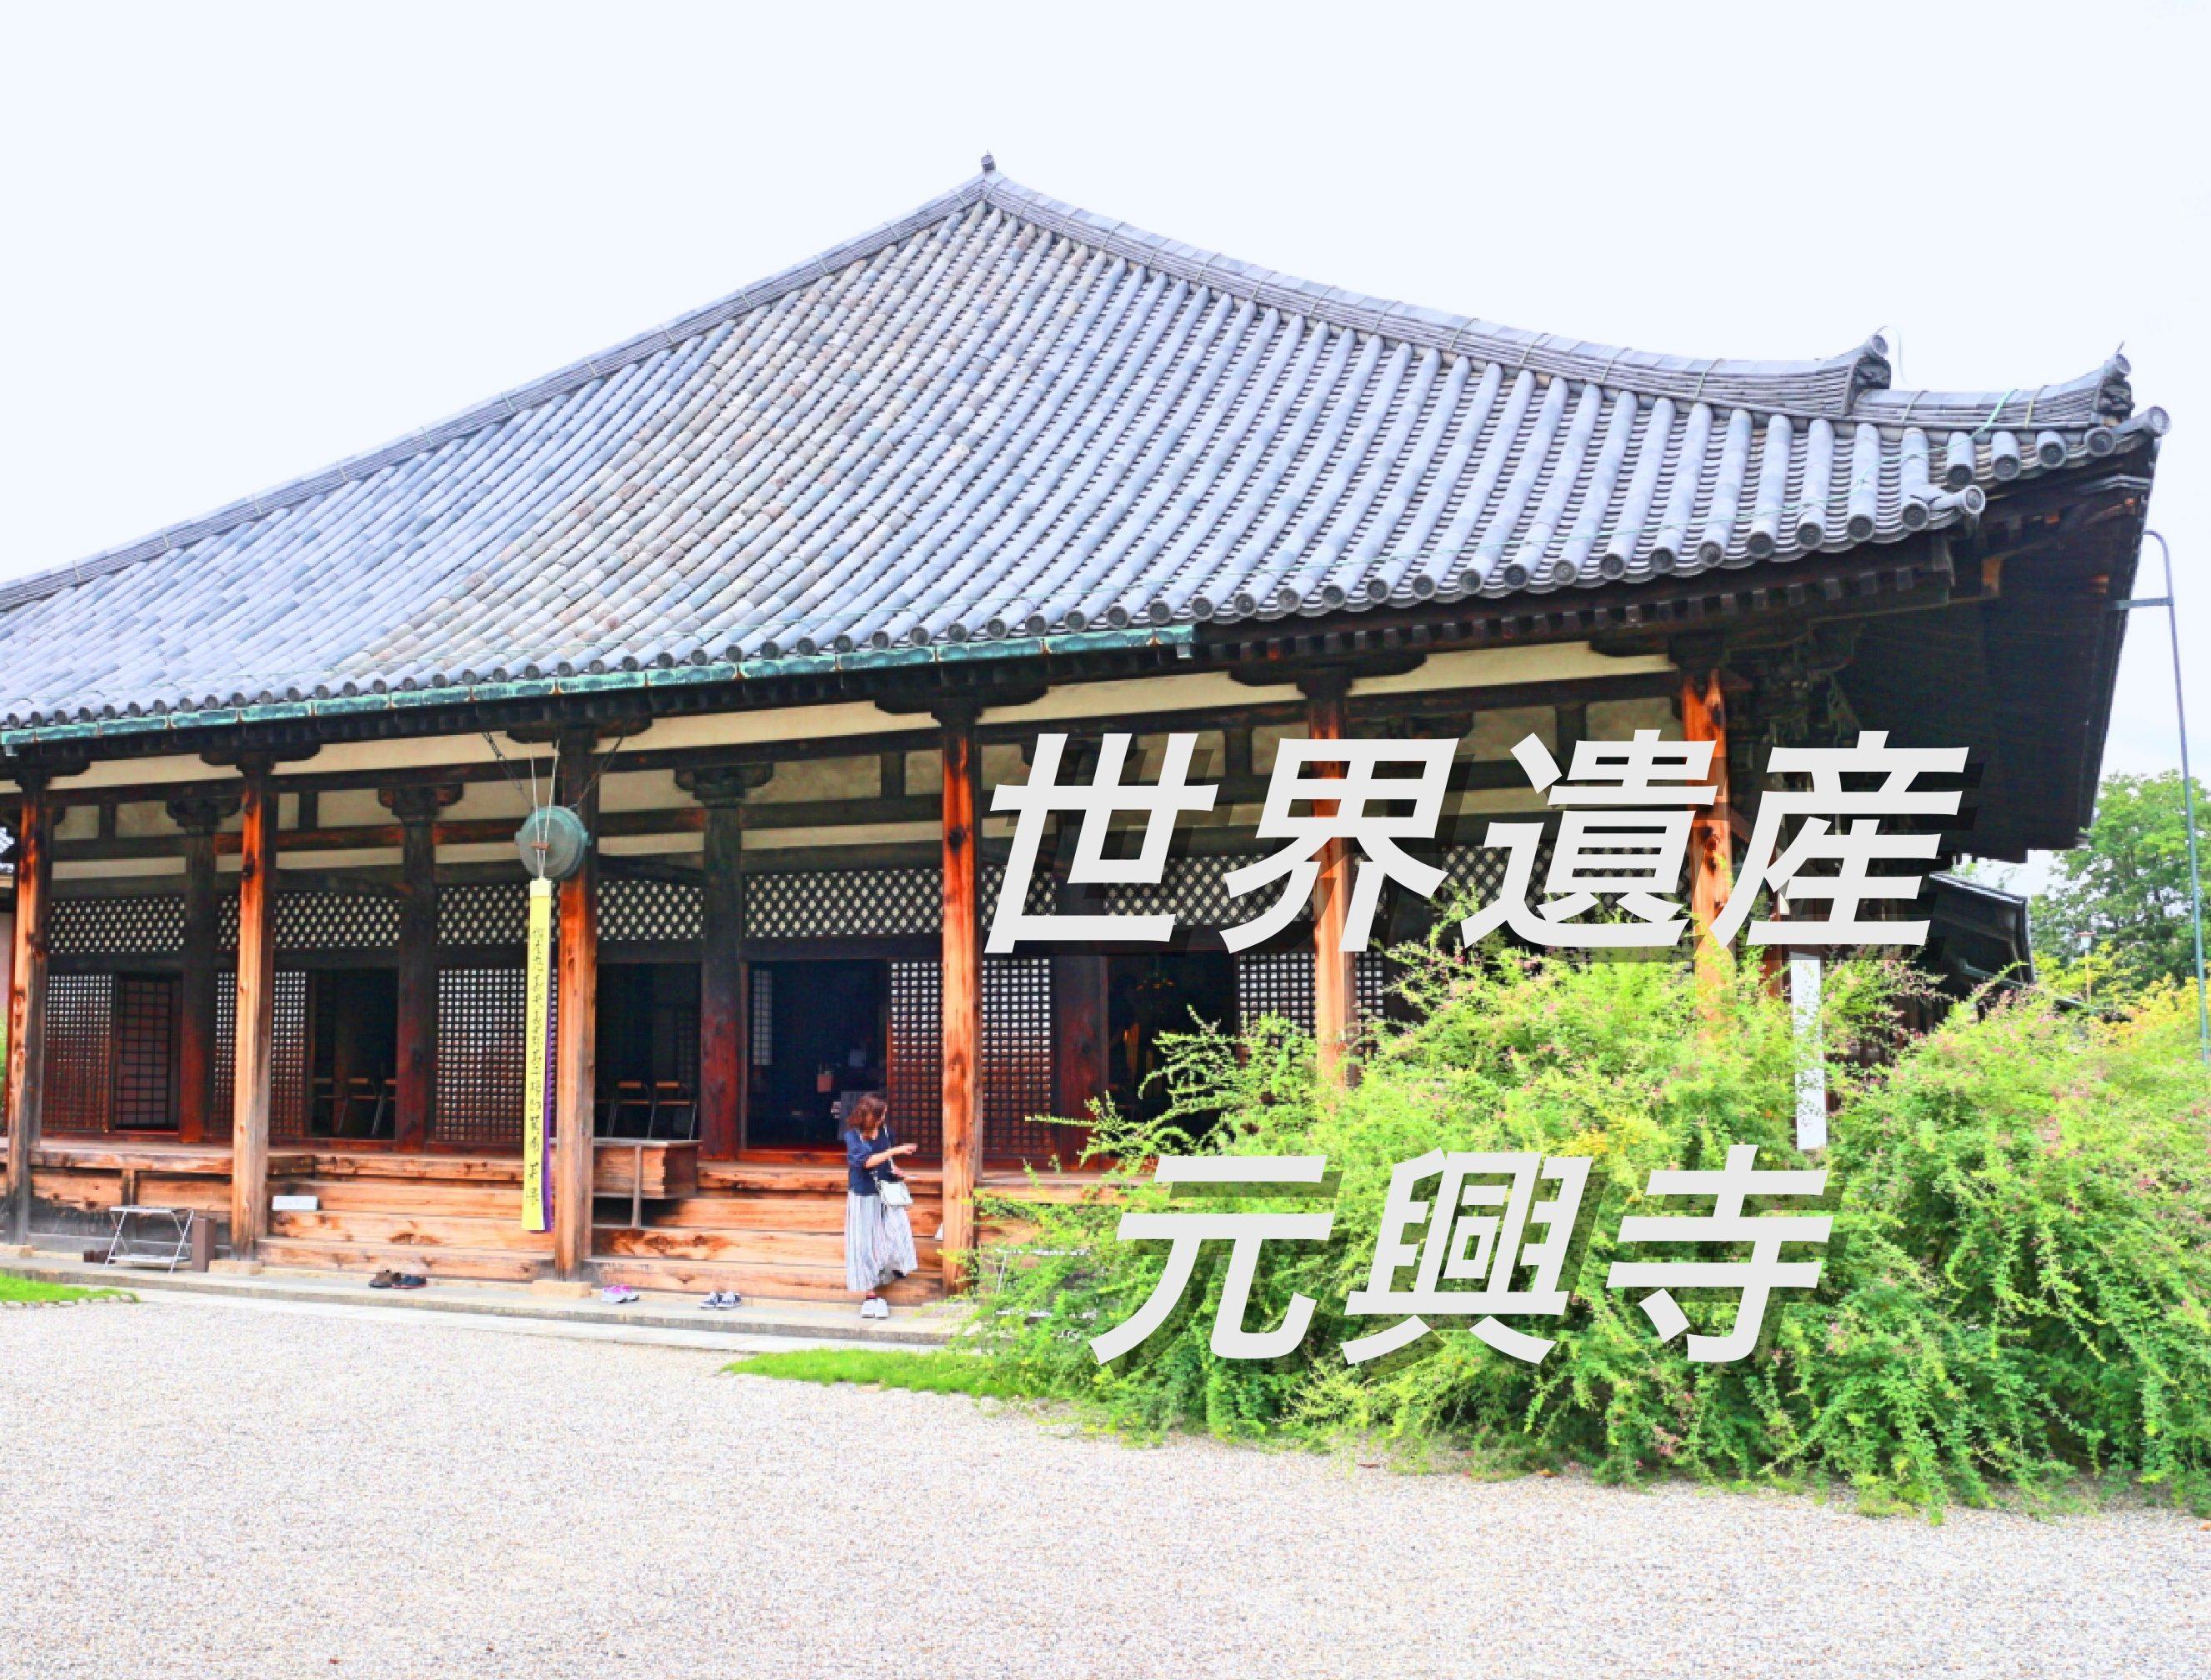 世界最小の世界遺産!奈良の世界遺産、元興寺の御朱印をご紹介